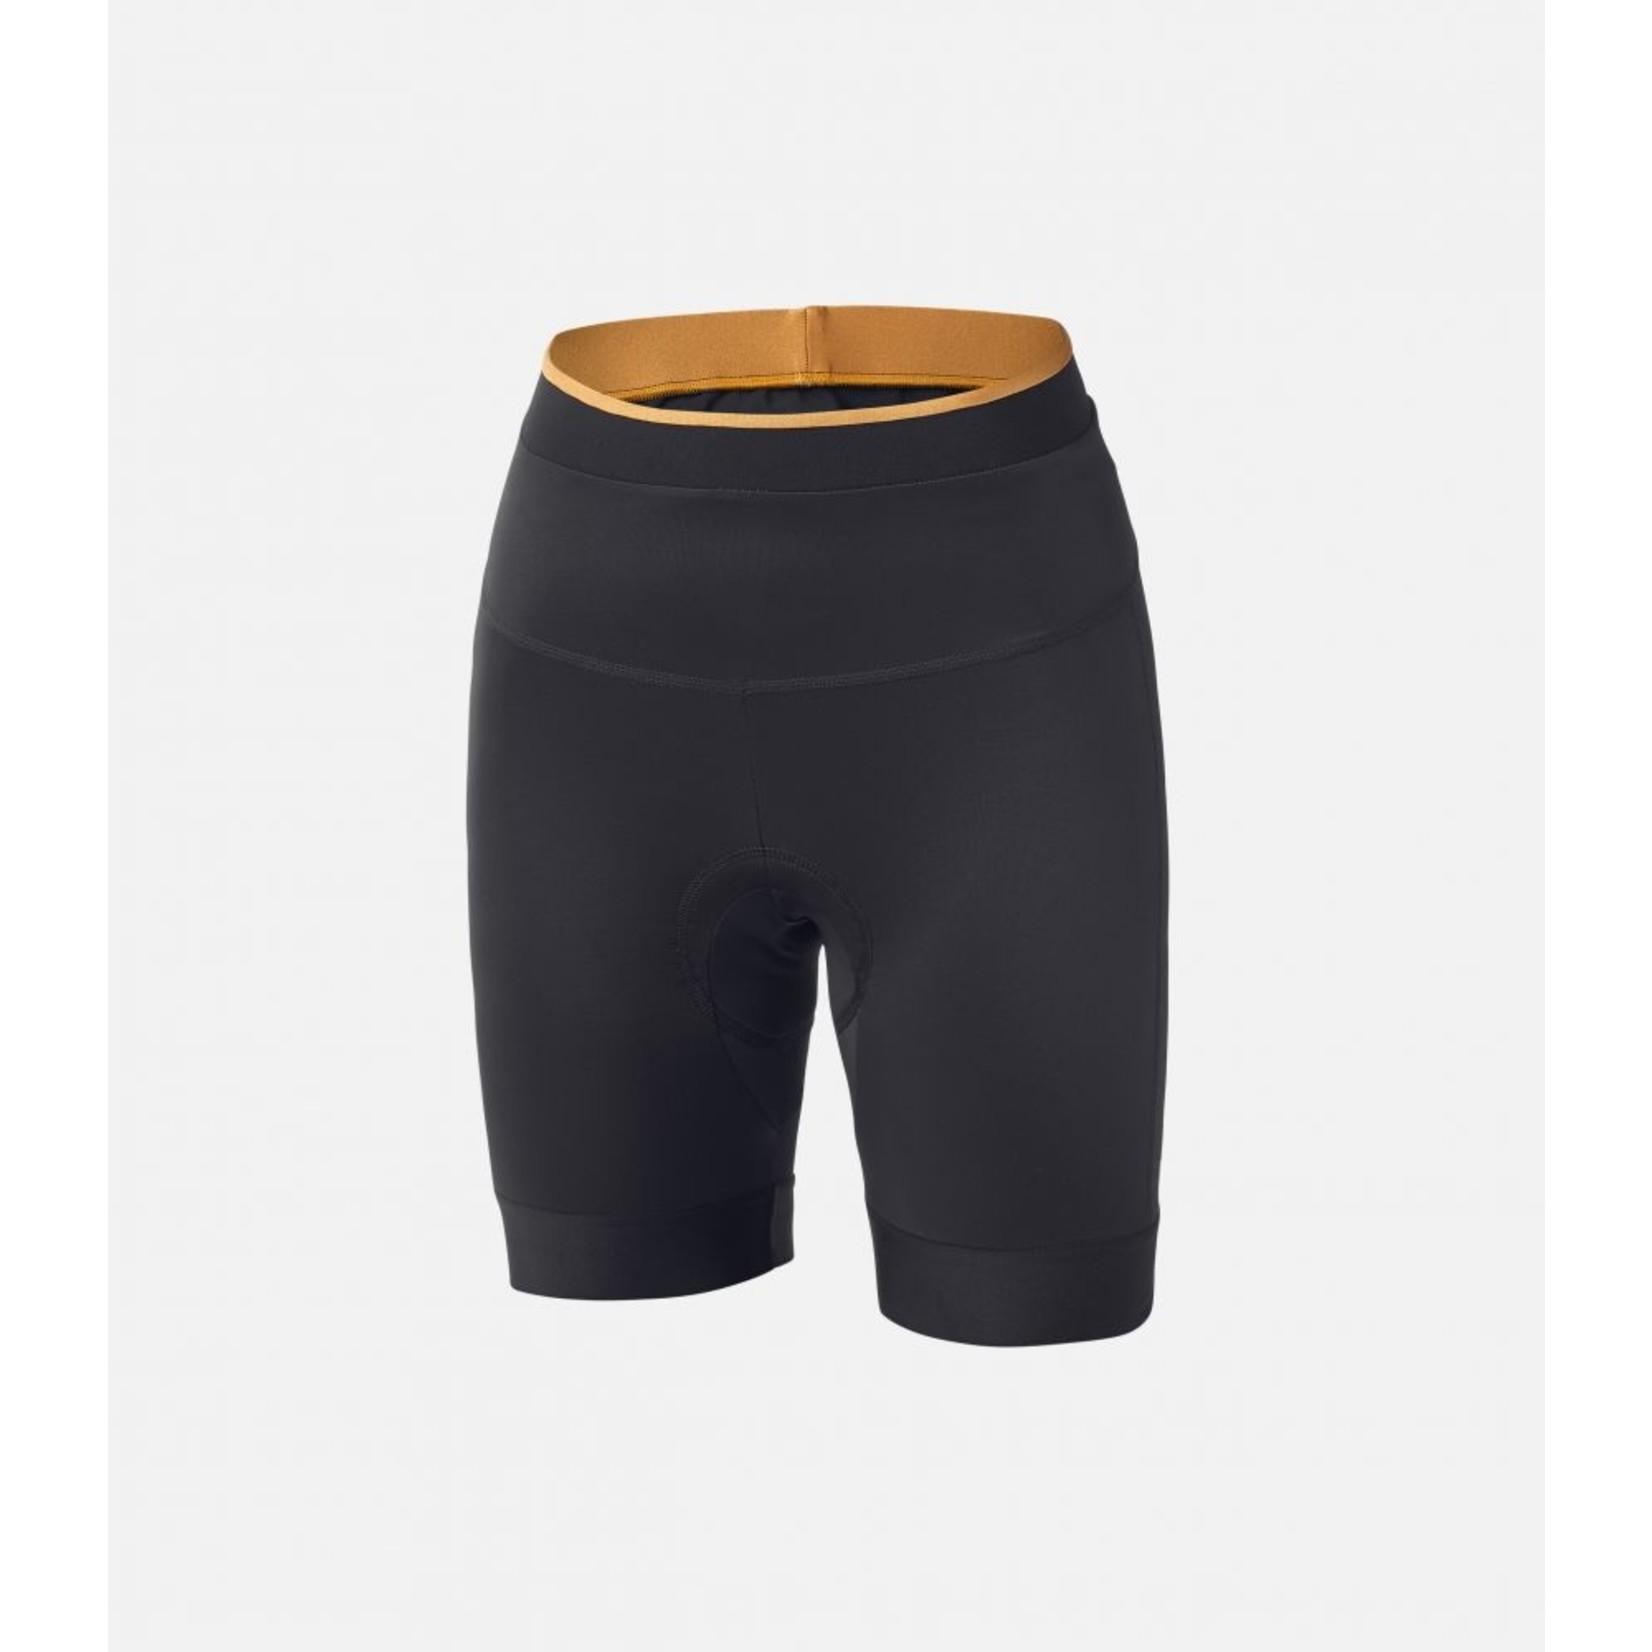 PEdALED PEdALED Women Shizen Shorts M